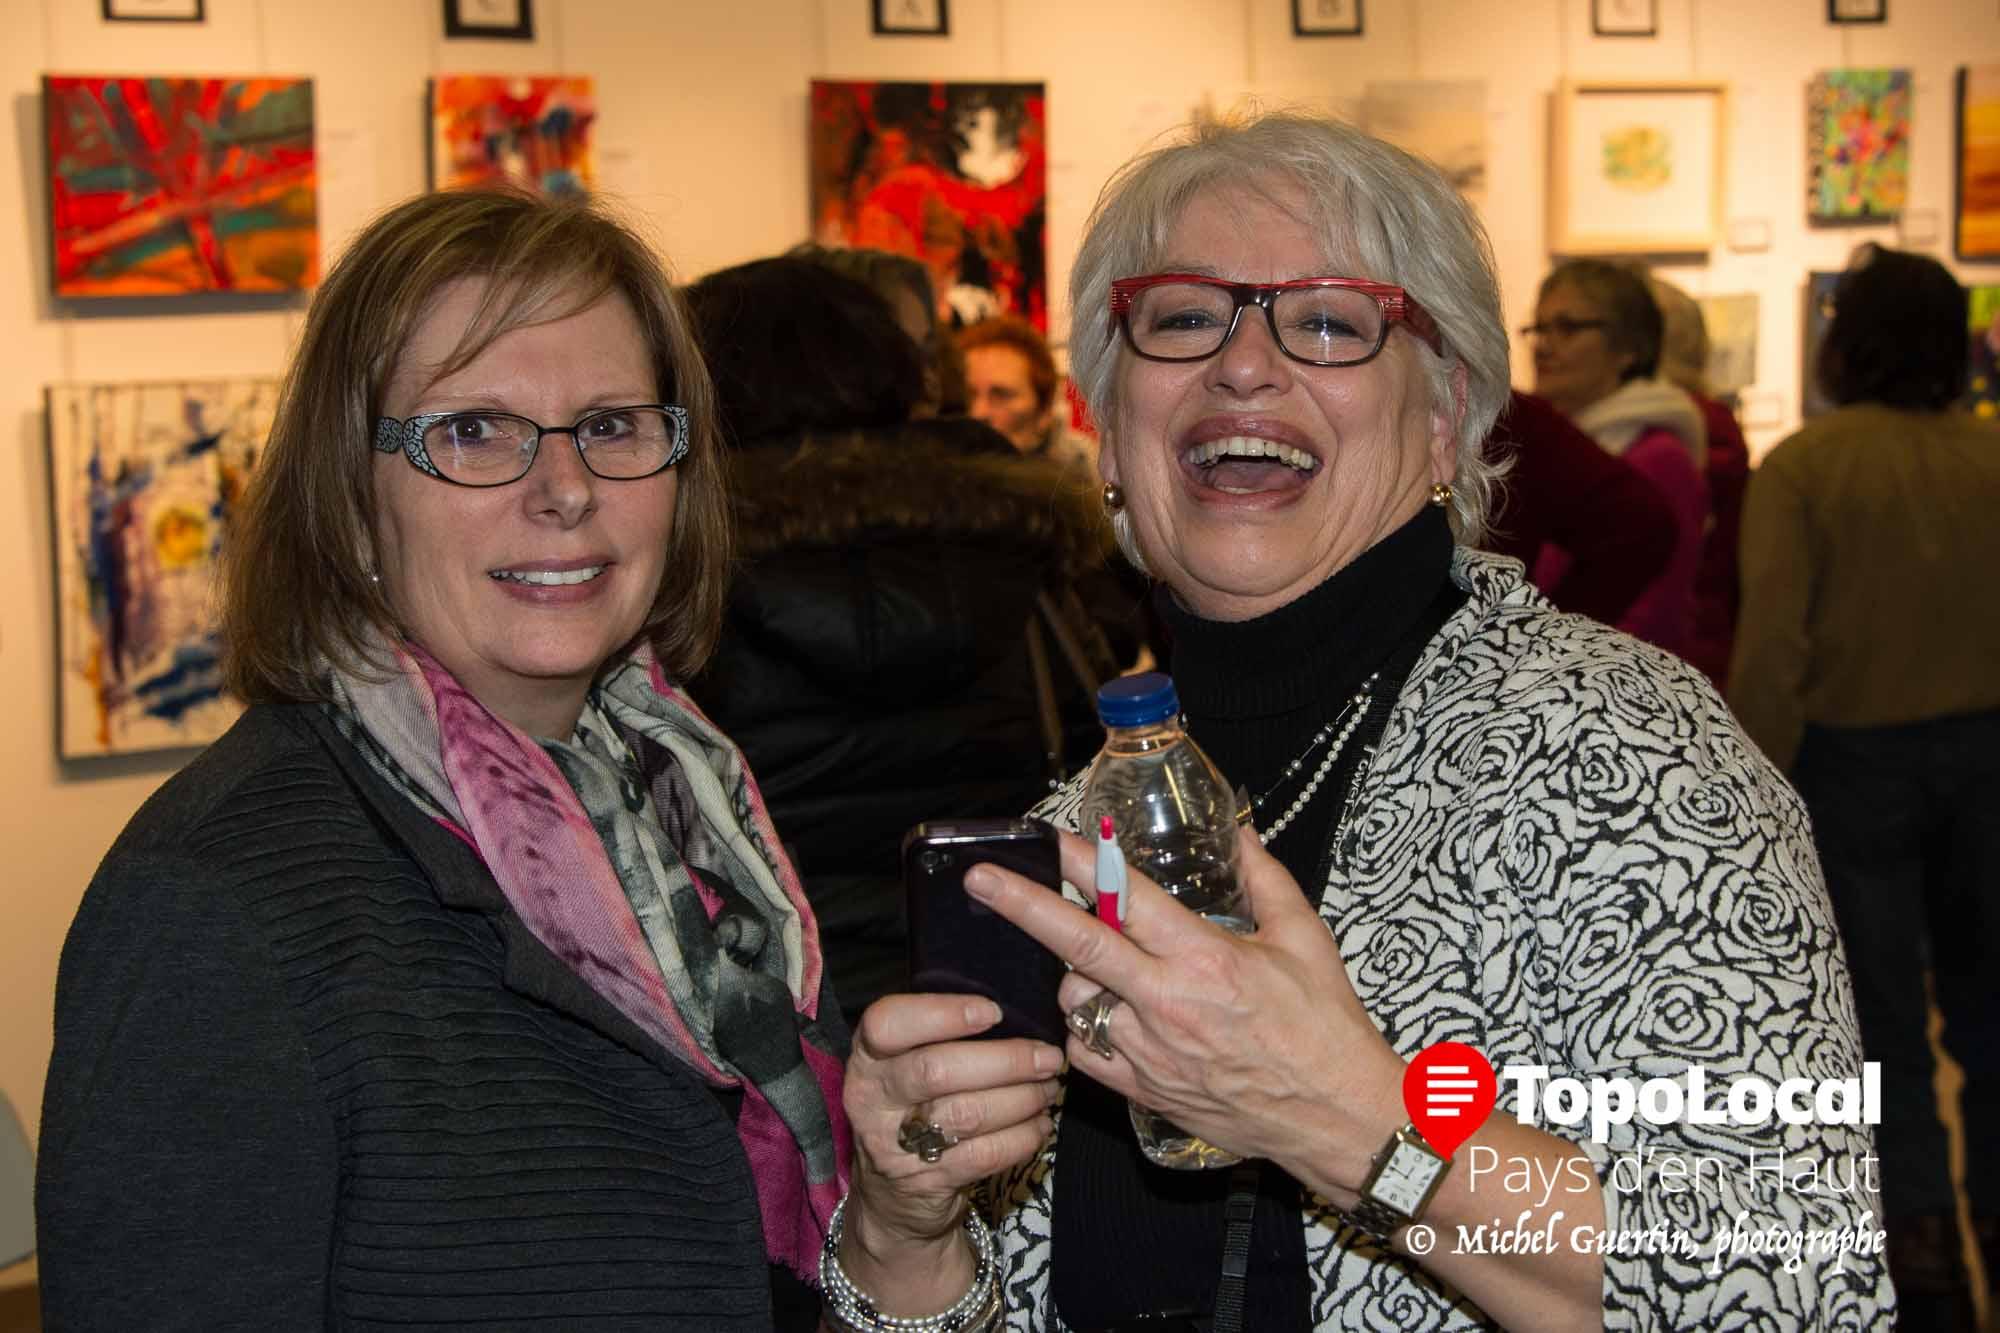 Françoise Major et Johanne Martel s'amusaient ferme en regardant les photos des petits enfants de Johanne sur le télépphone de celle-ci. Il y a l'art et il y a aussi ces chers petits enfants.